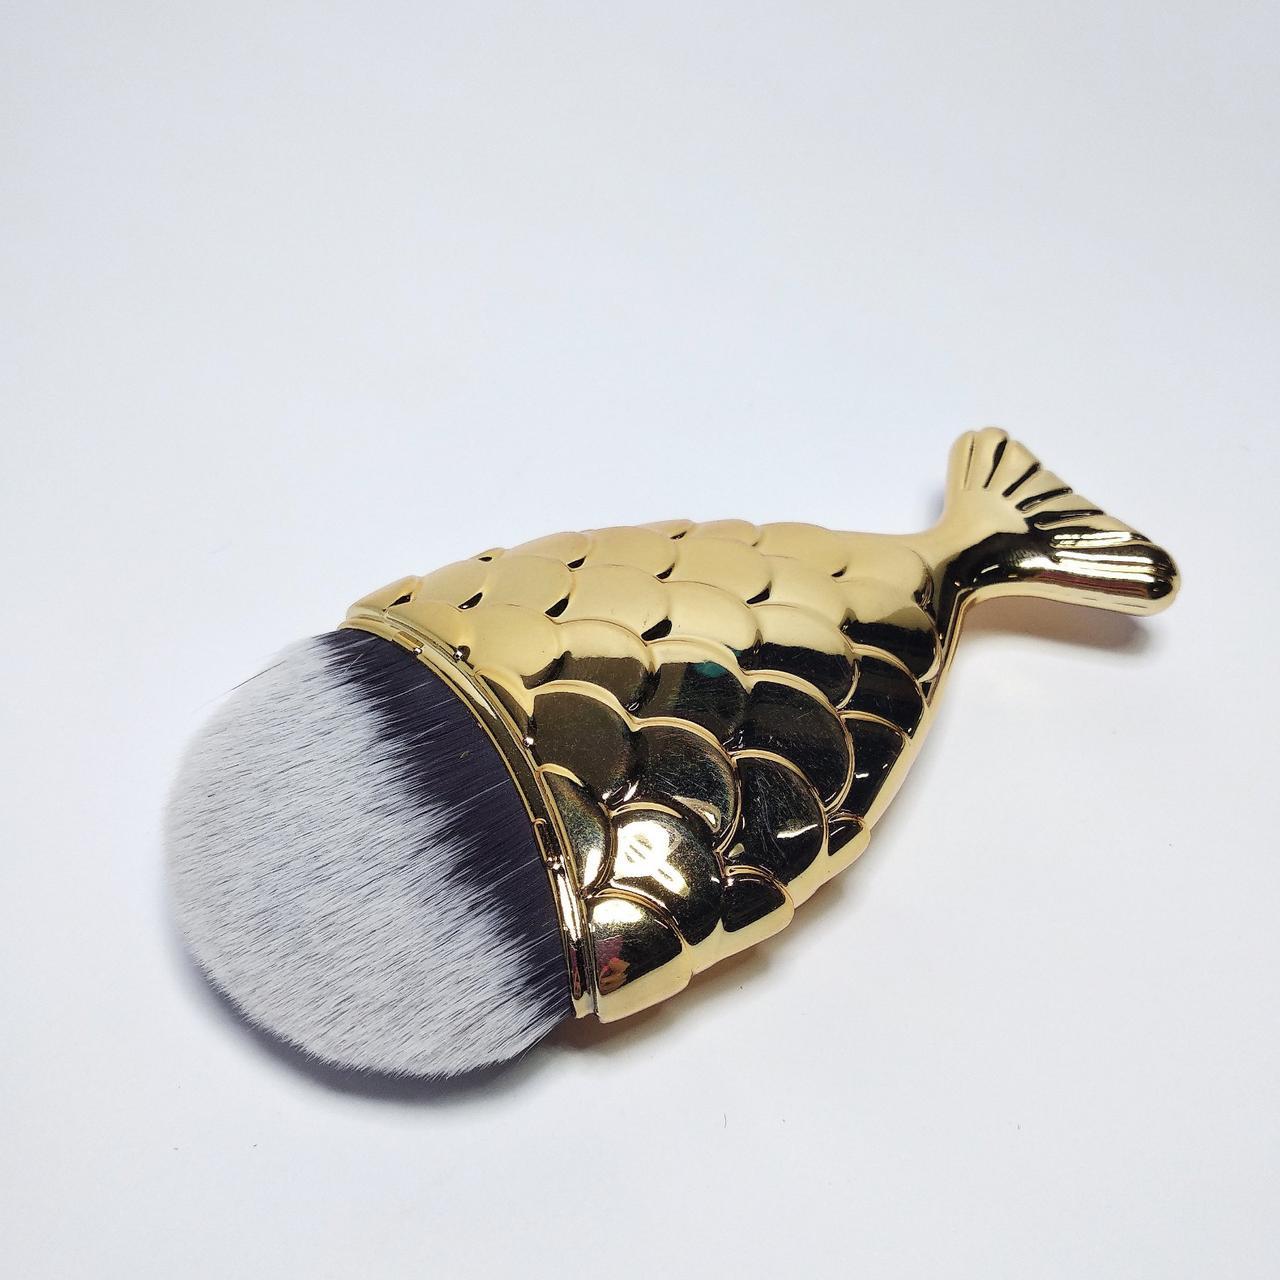 """Щетка сметка для удаления пыли, """"Рыбка"""", золотая"""